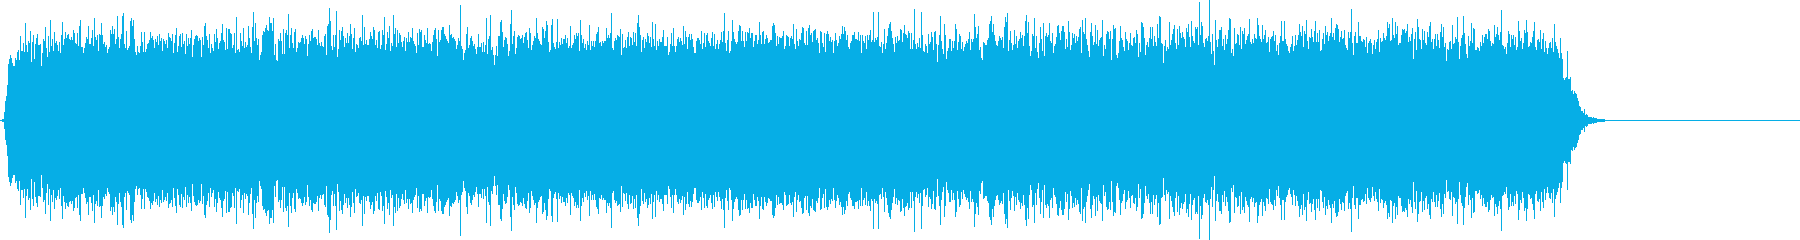 音楽効果;奇妙な歪んだエレキギター。の再生済みの波形